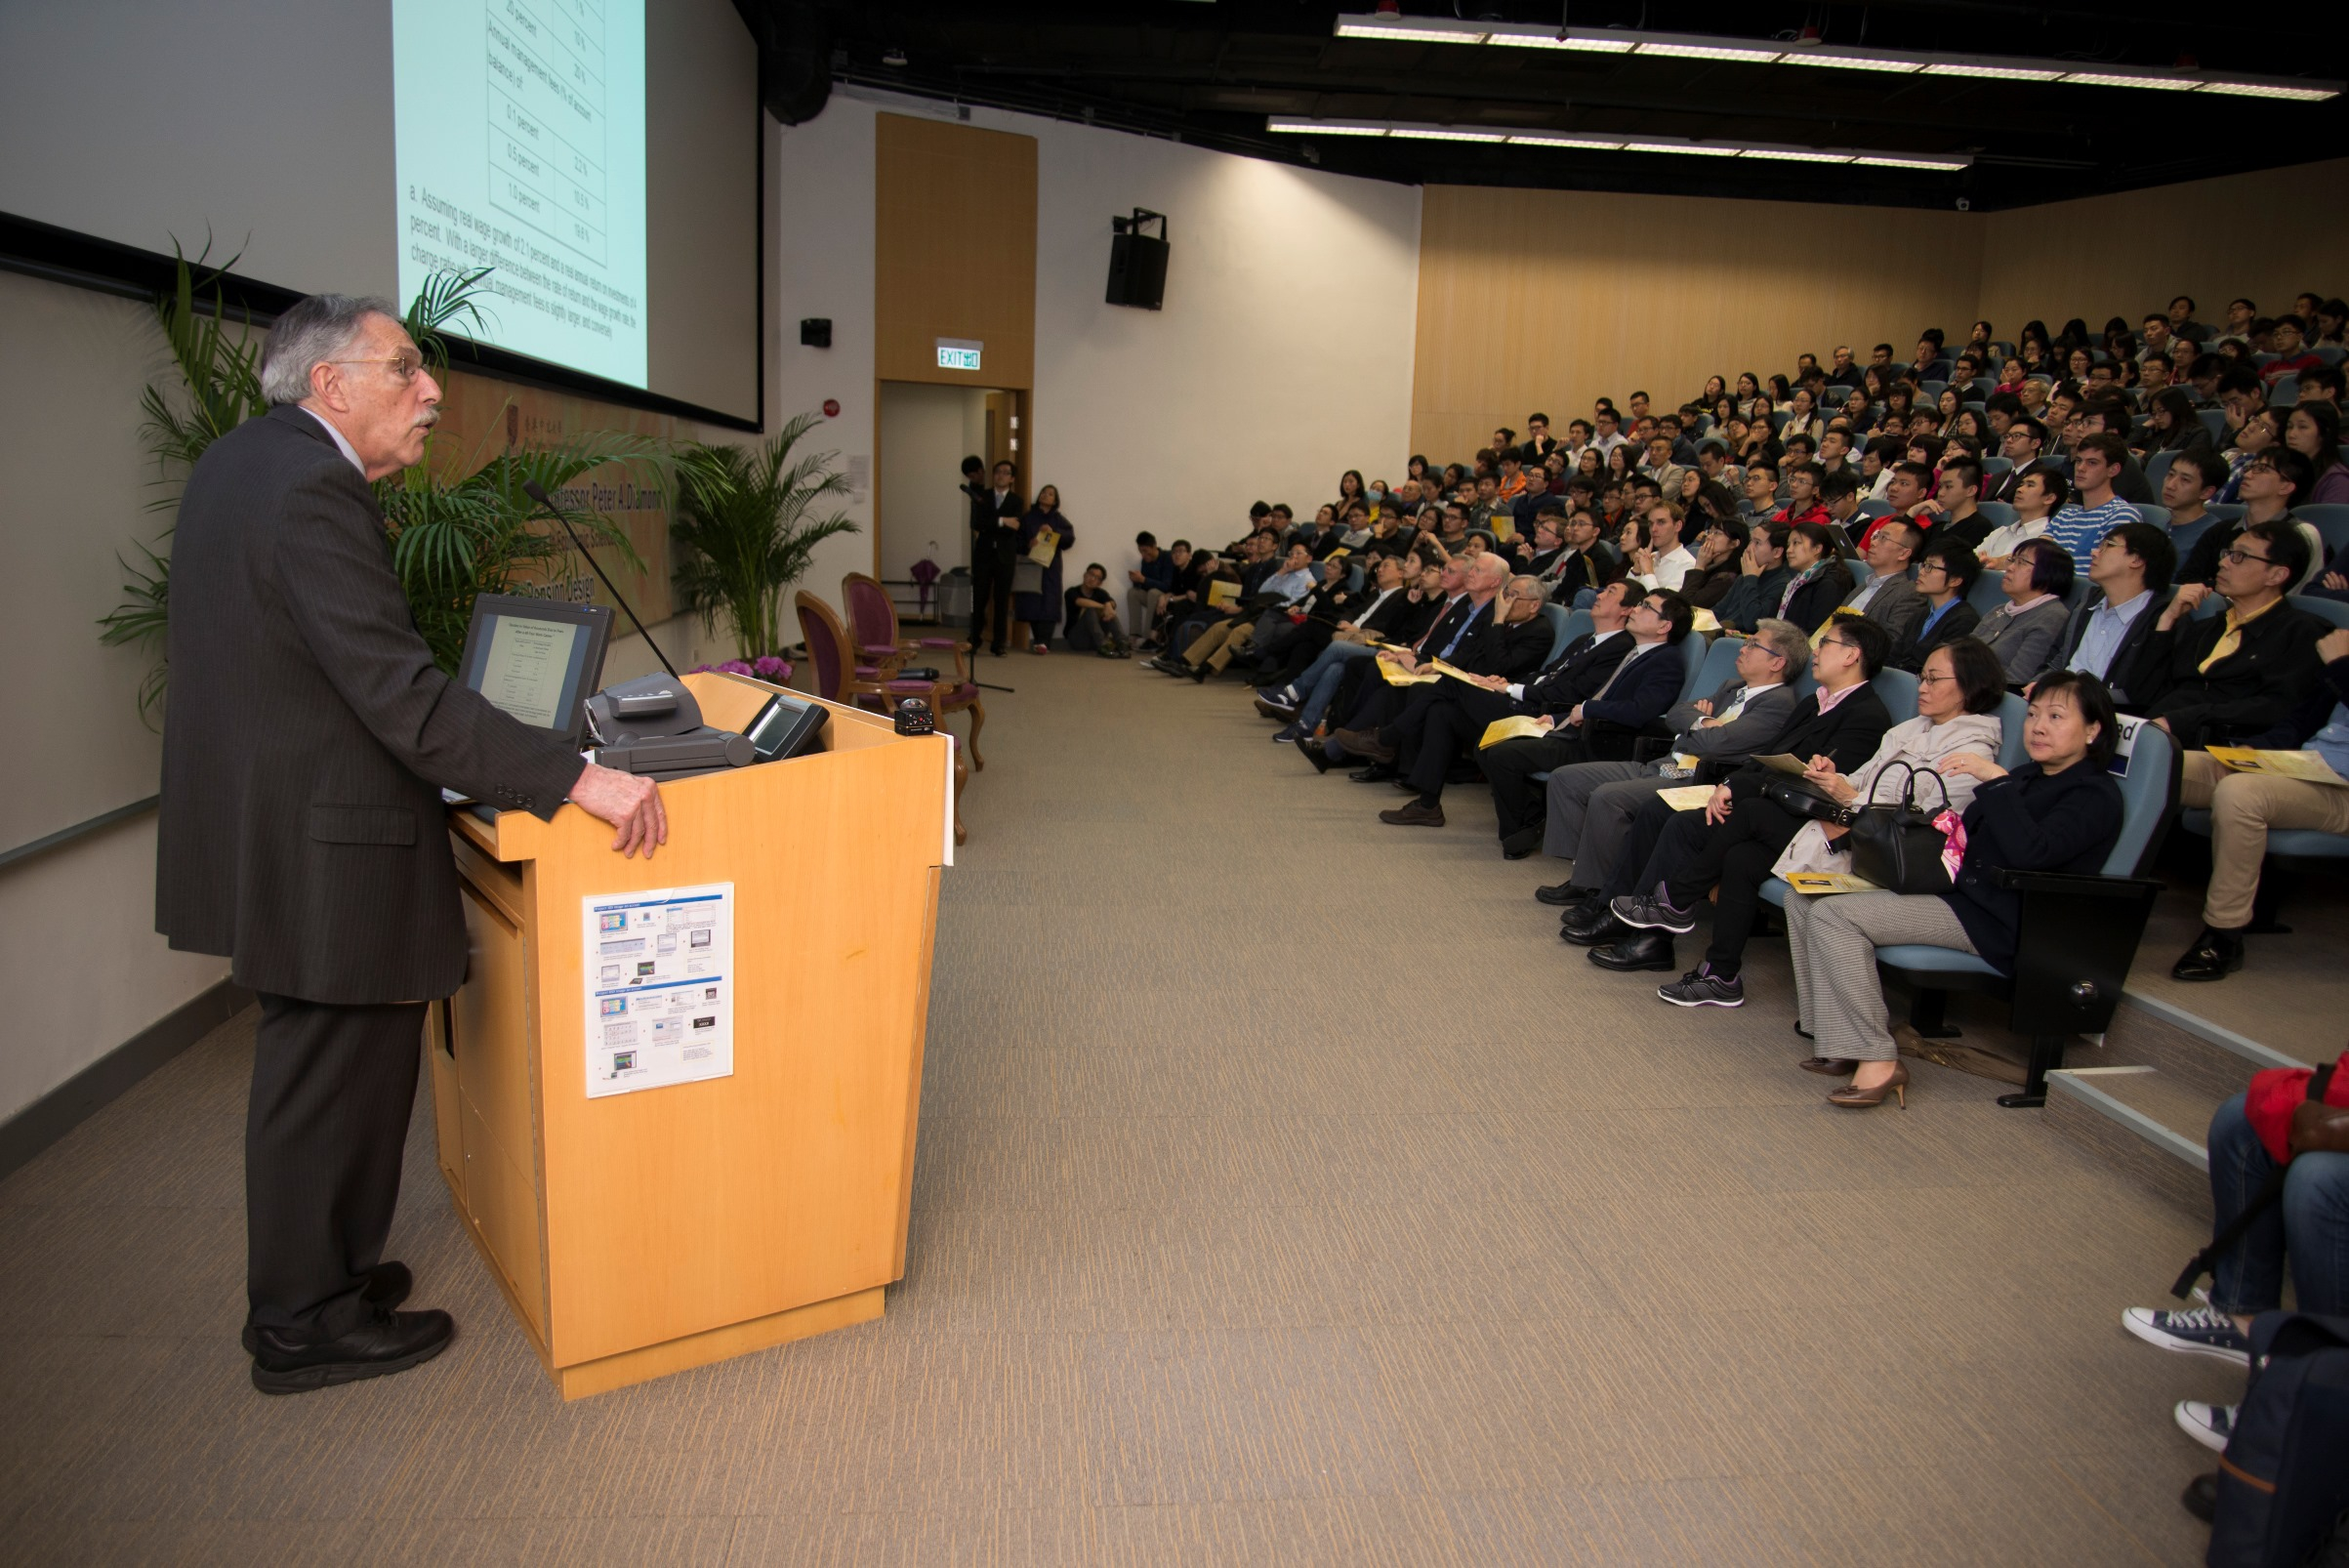 講座反應熱烈,吸引三百名觀眾出席。